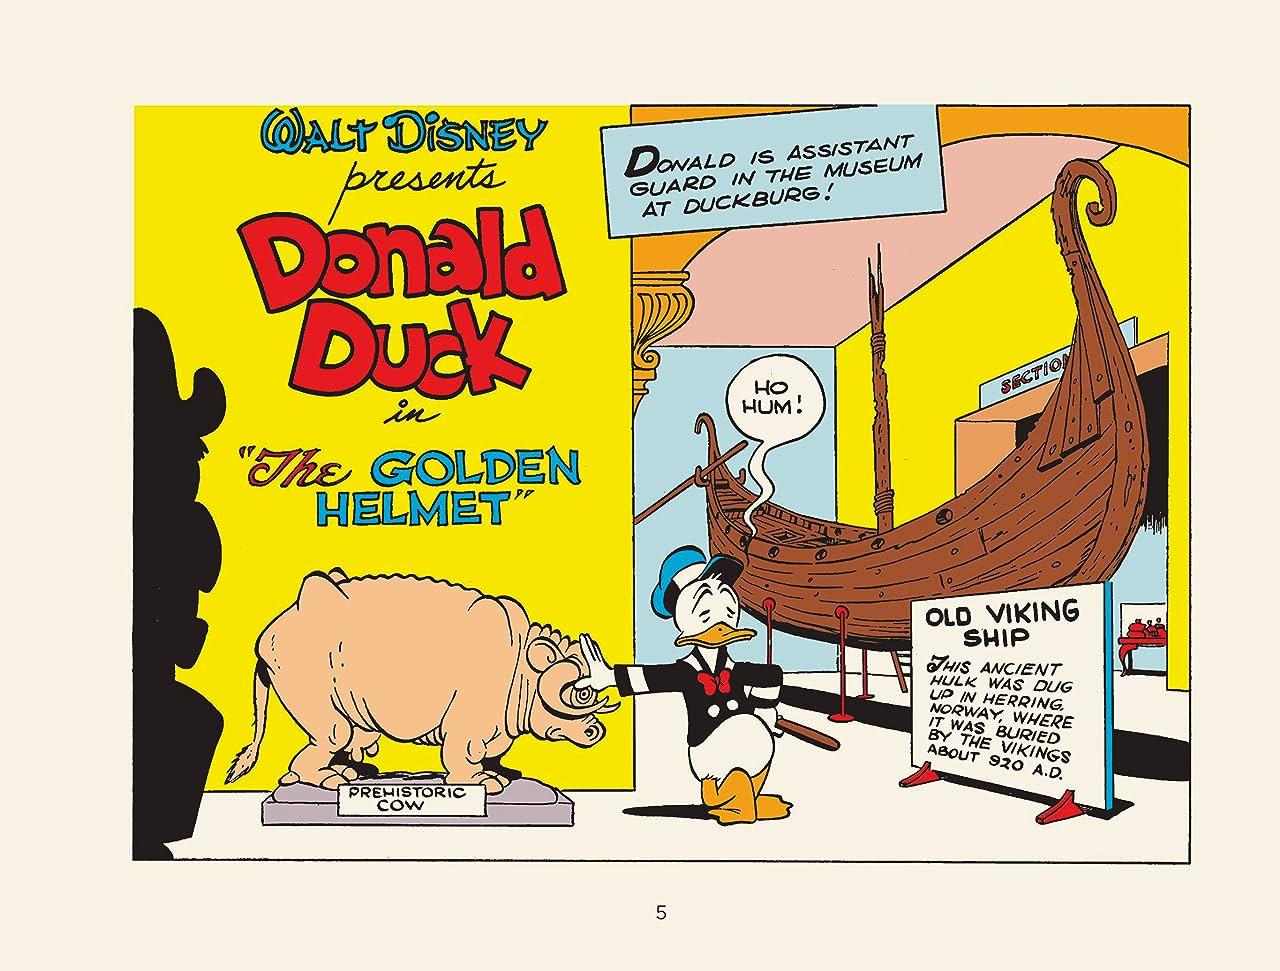 The Golden Helmet: Starring Walt Disney's Donald Duck